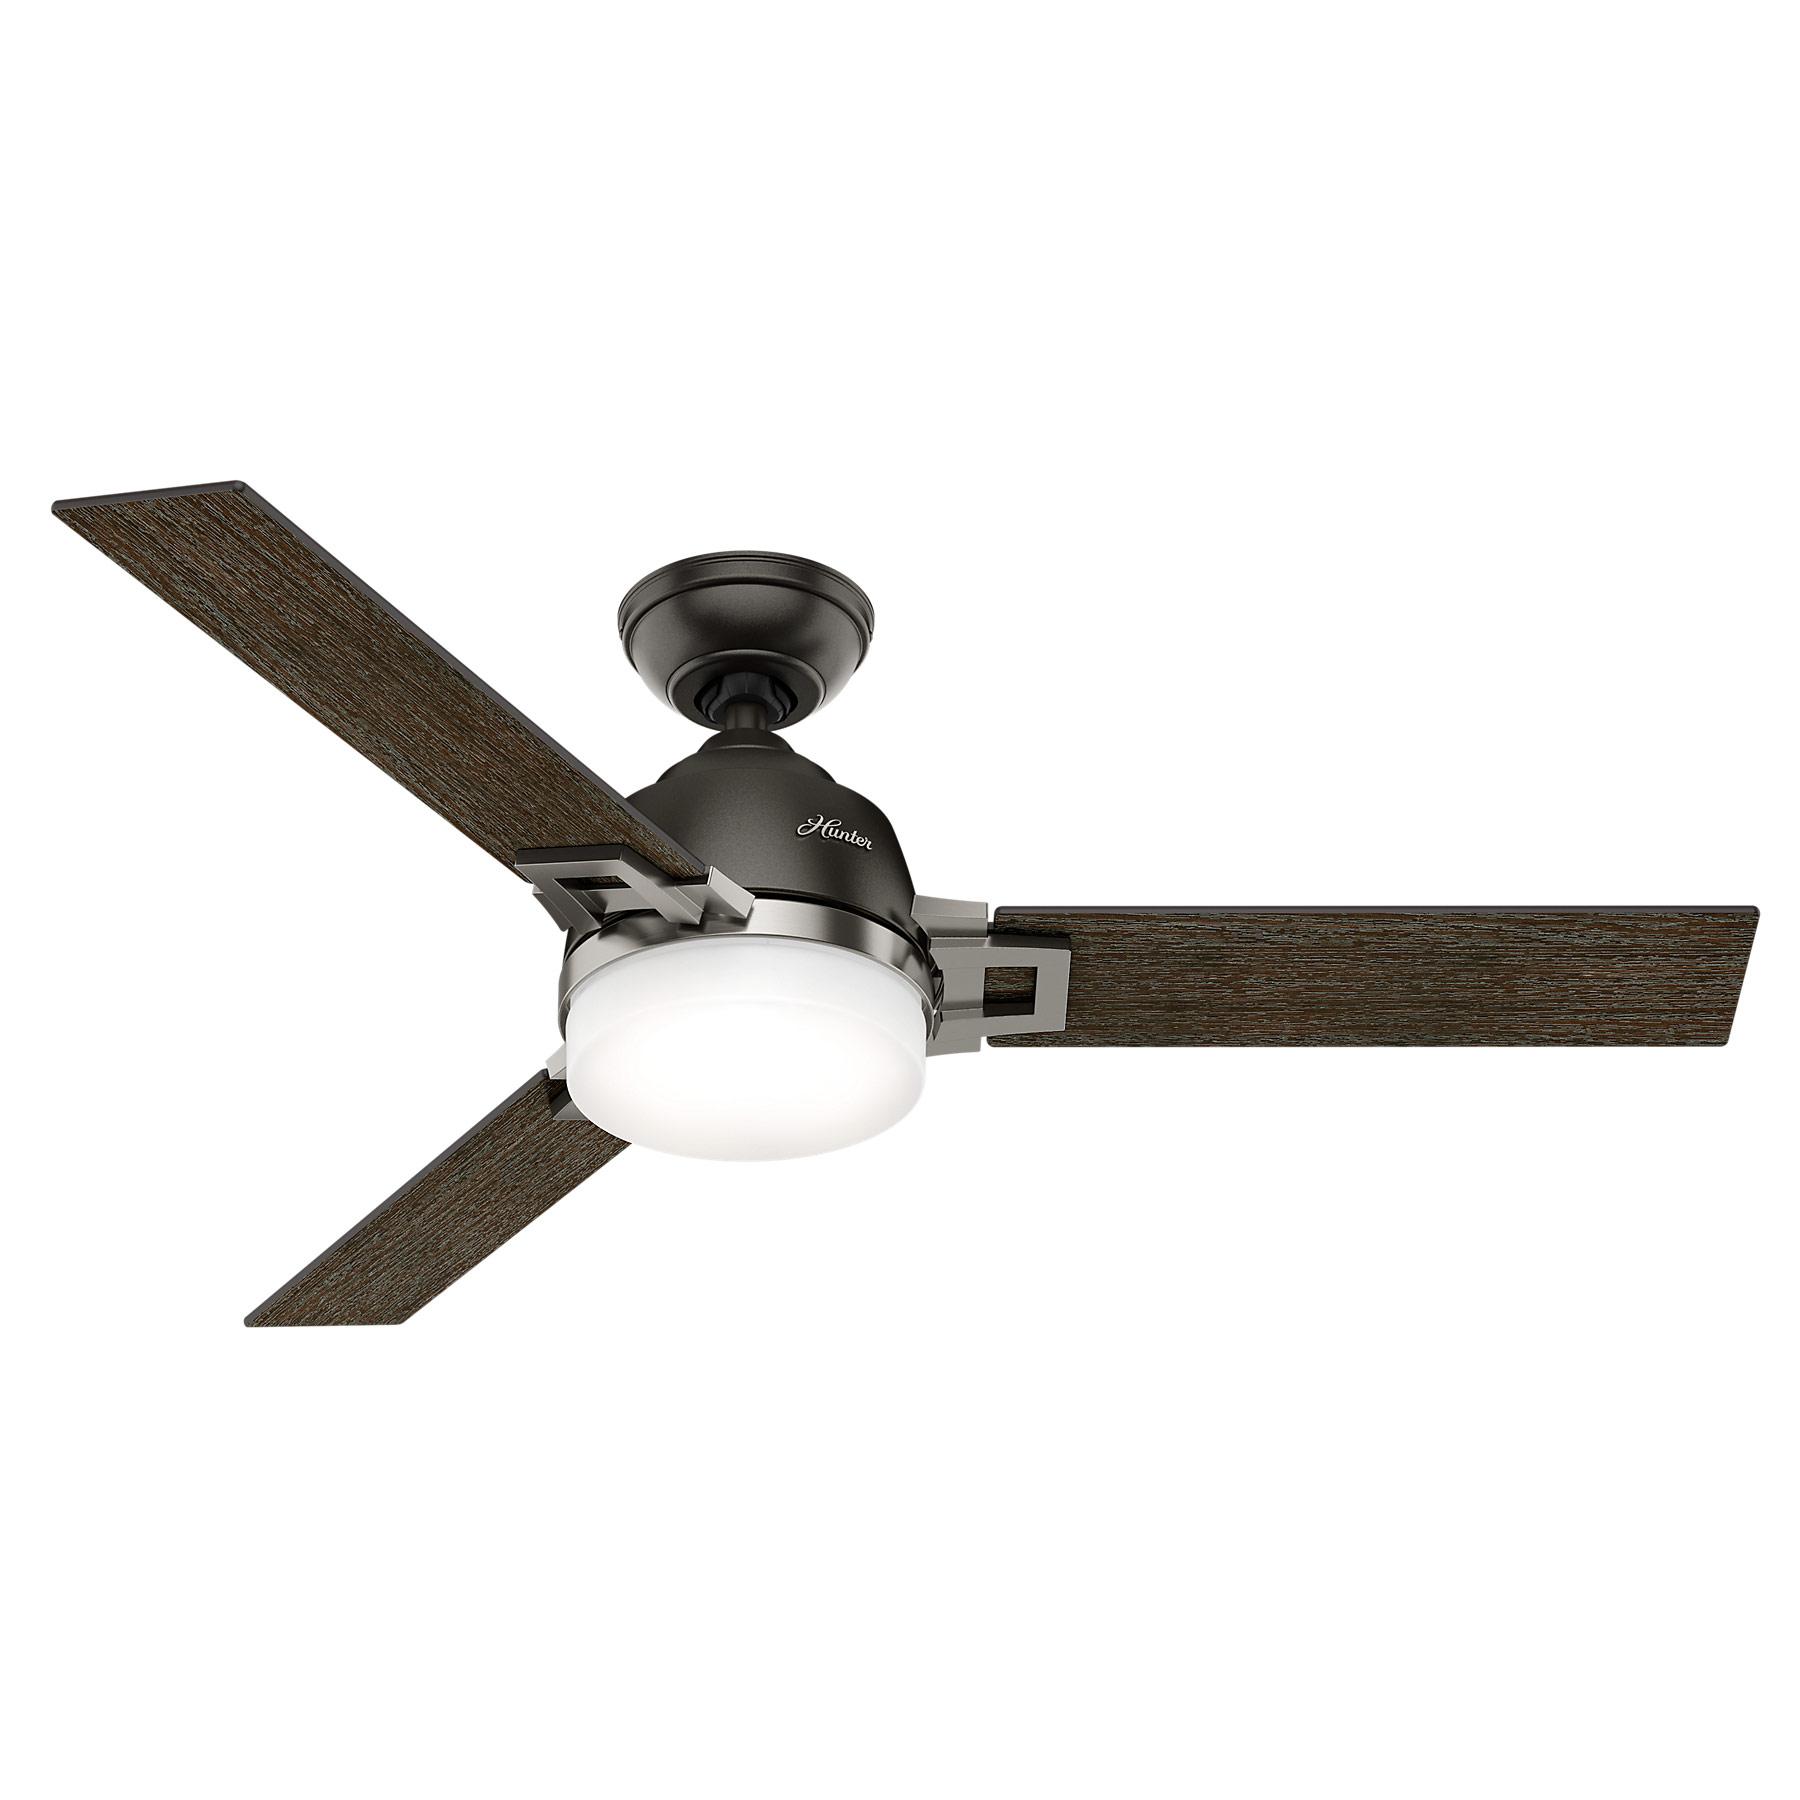 ceiling fan with lighthunter fan | 59219